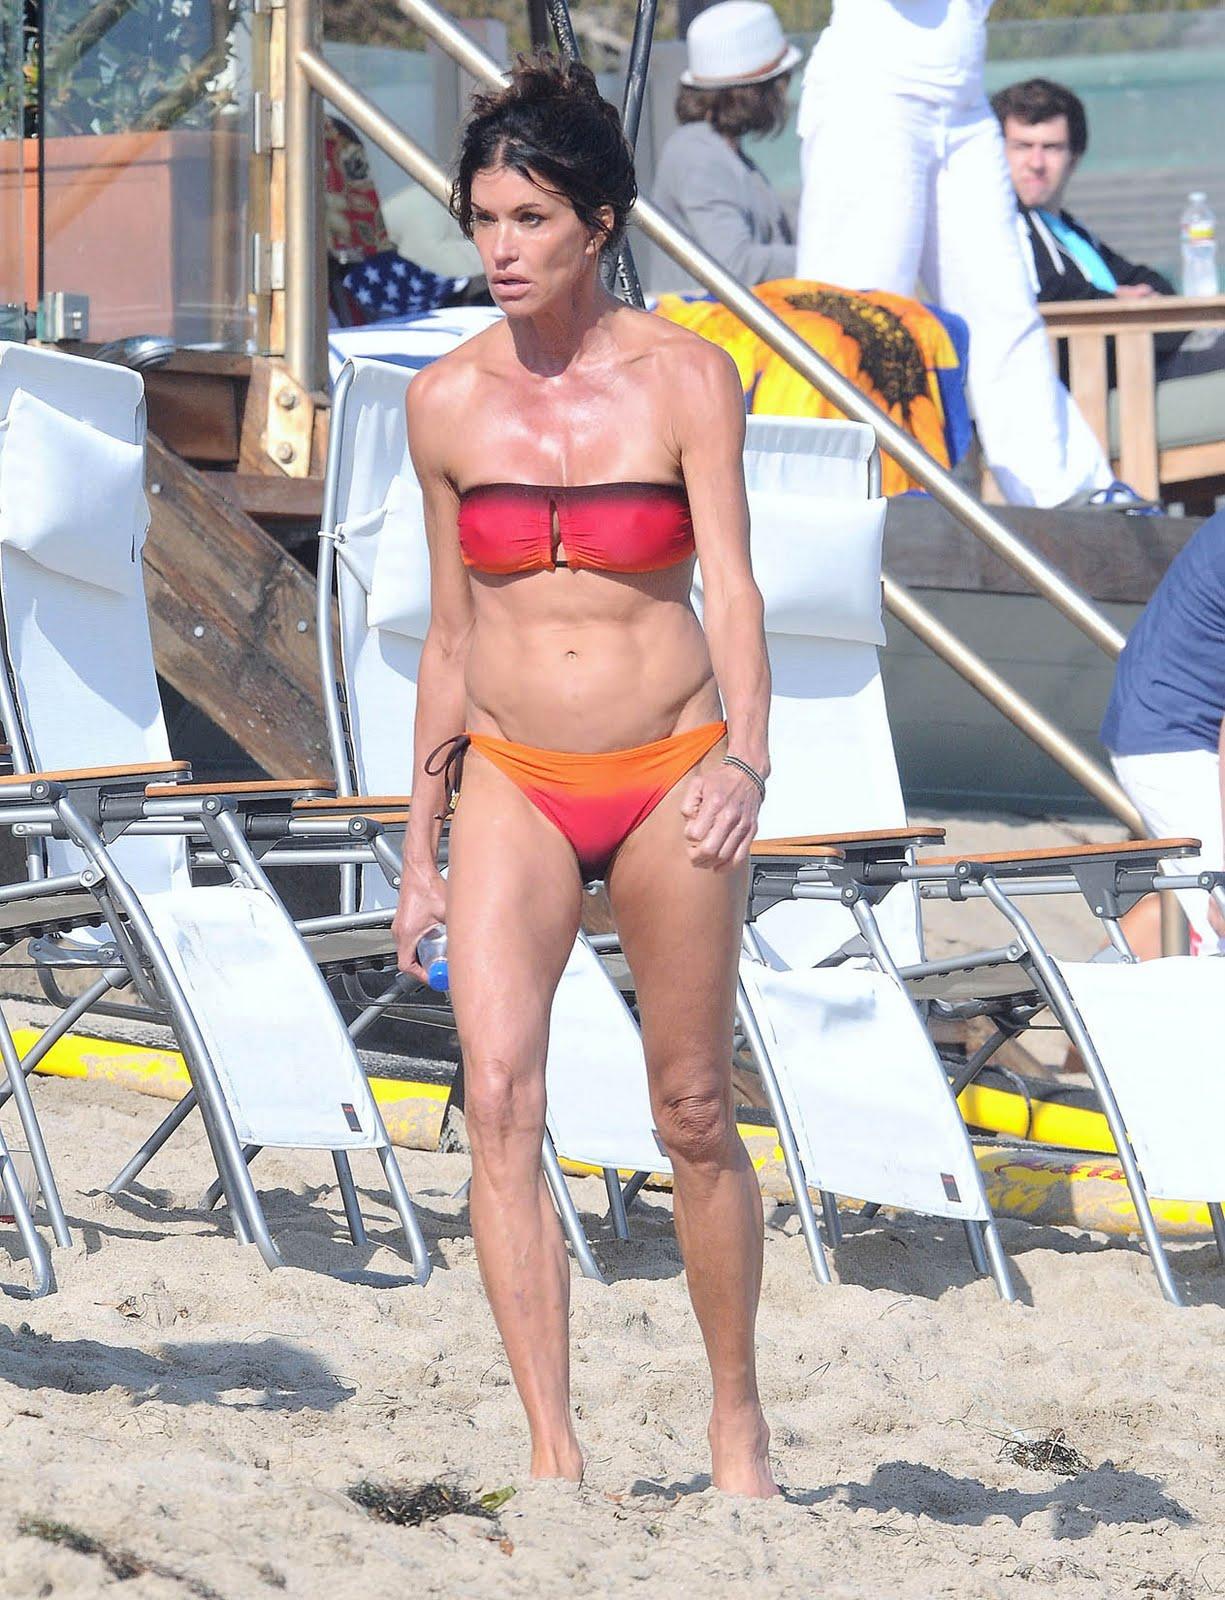 http://3.bp.blogspot.com/-GZZFD7fXjYY/ThNX873CsmI/AAAAAAAACAE/9CTbZGJjbCE/s1600/janice_dickinson_swim_bikini_2.jpg